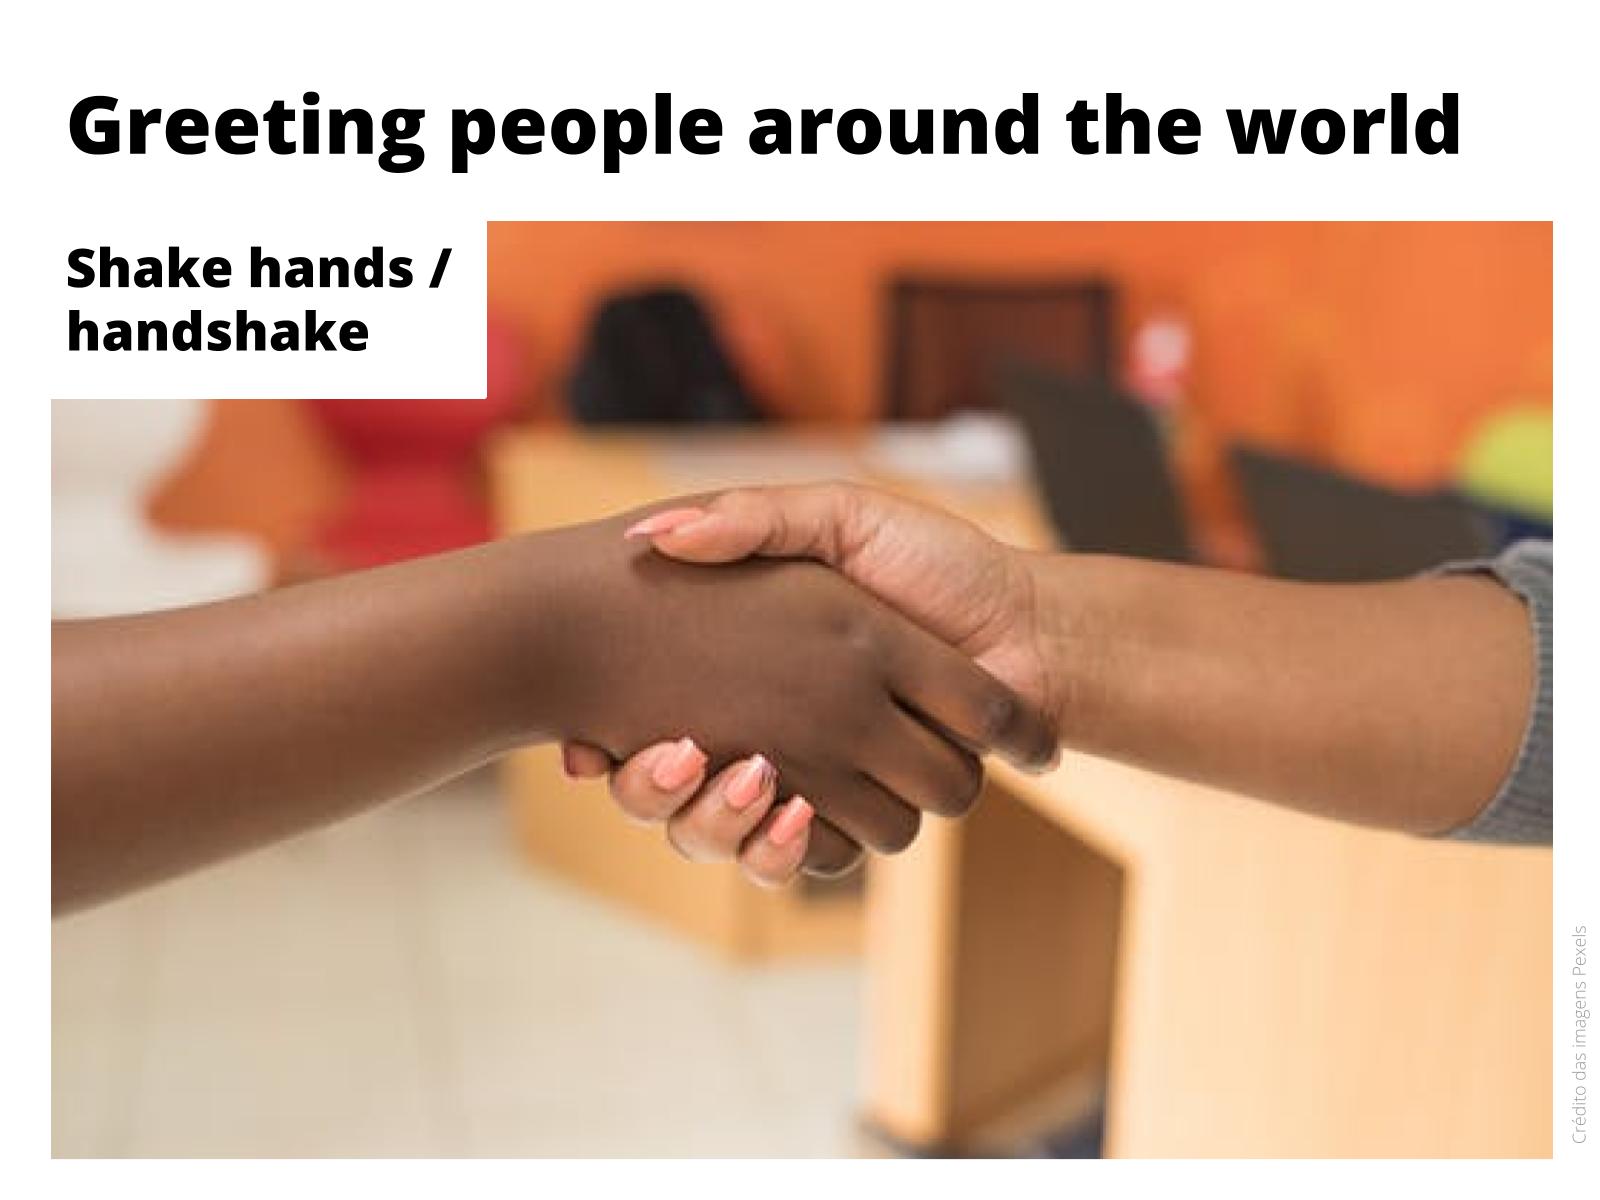 Reconhecer como pessoas de culturas diferentes se cumprimentam